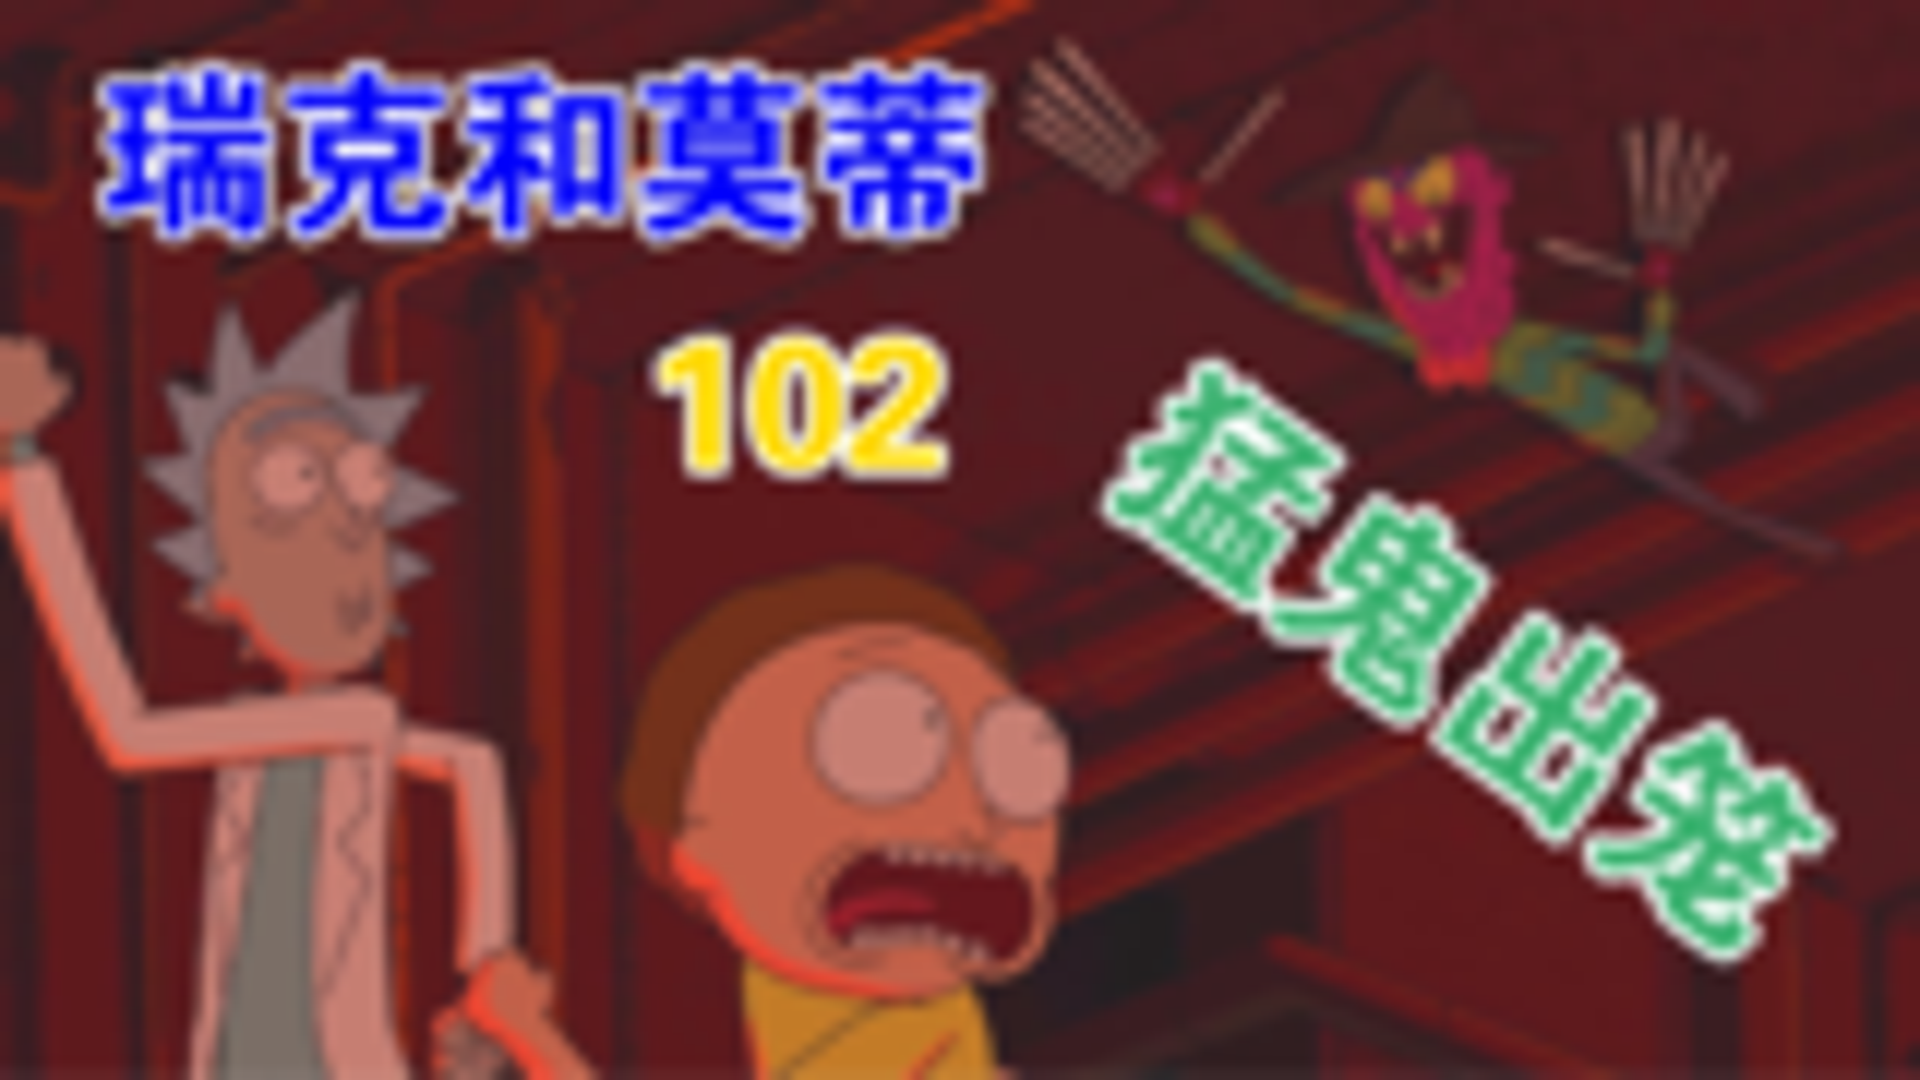 豆瓣9.7,瑞克带莫蒂潜入老师梦里,结果遇到了恶鬼?【瑞克和莫蒂】102